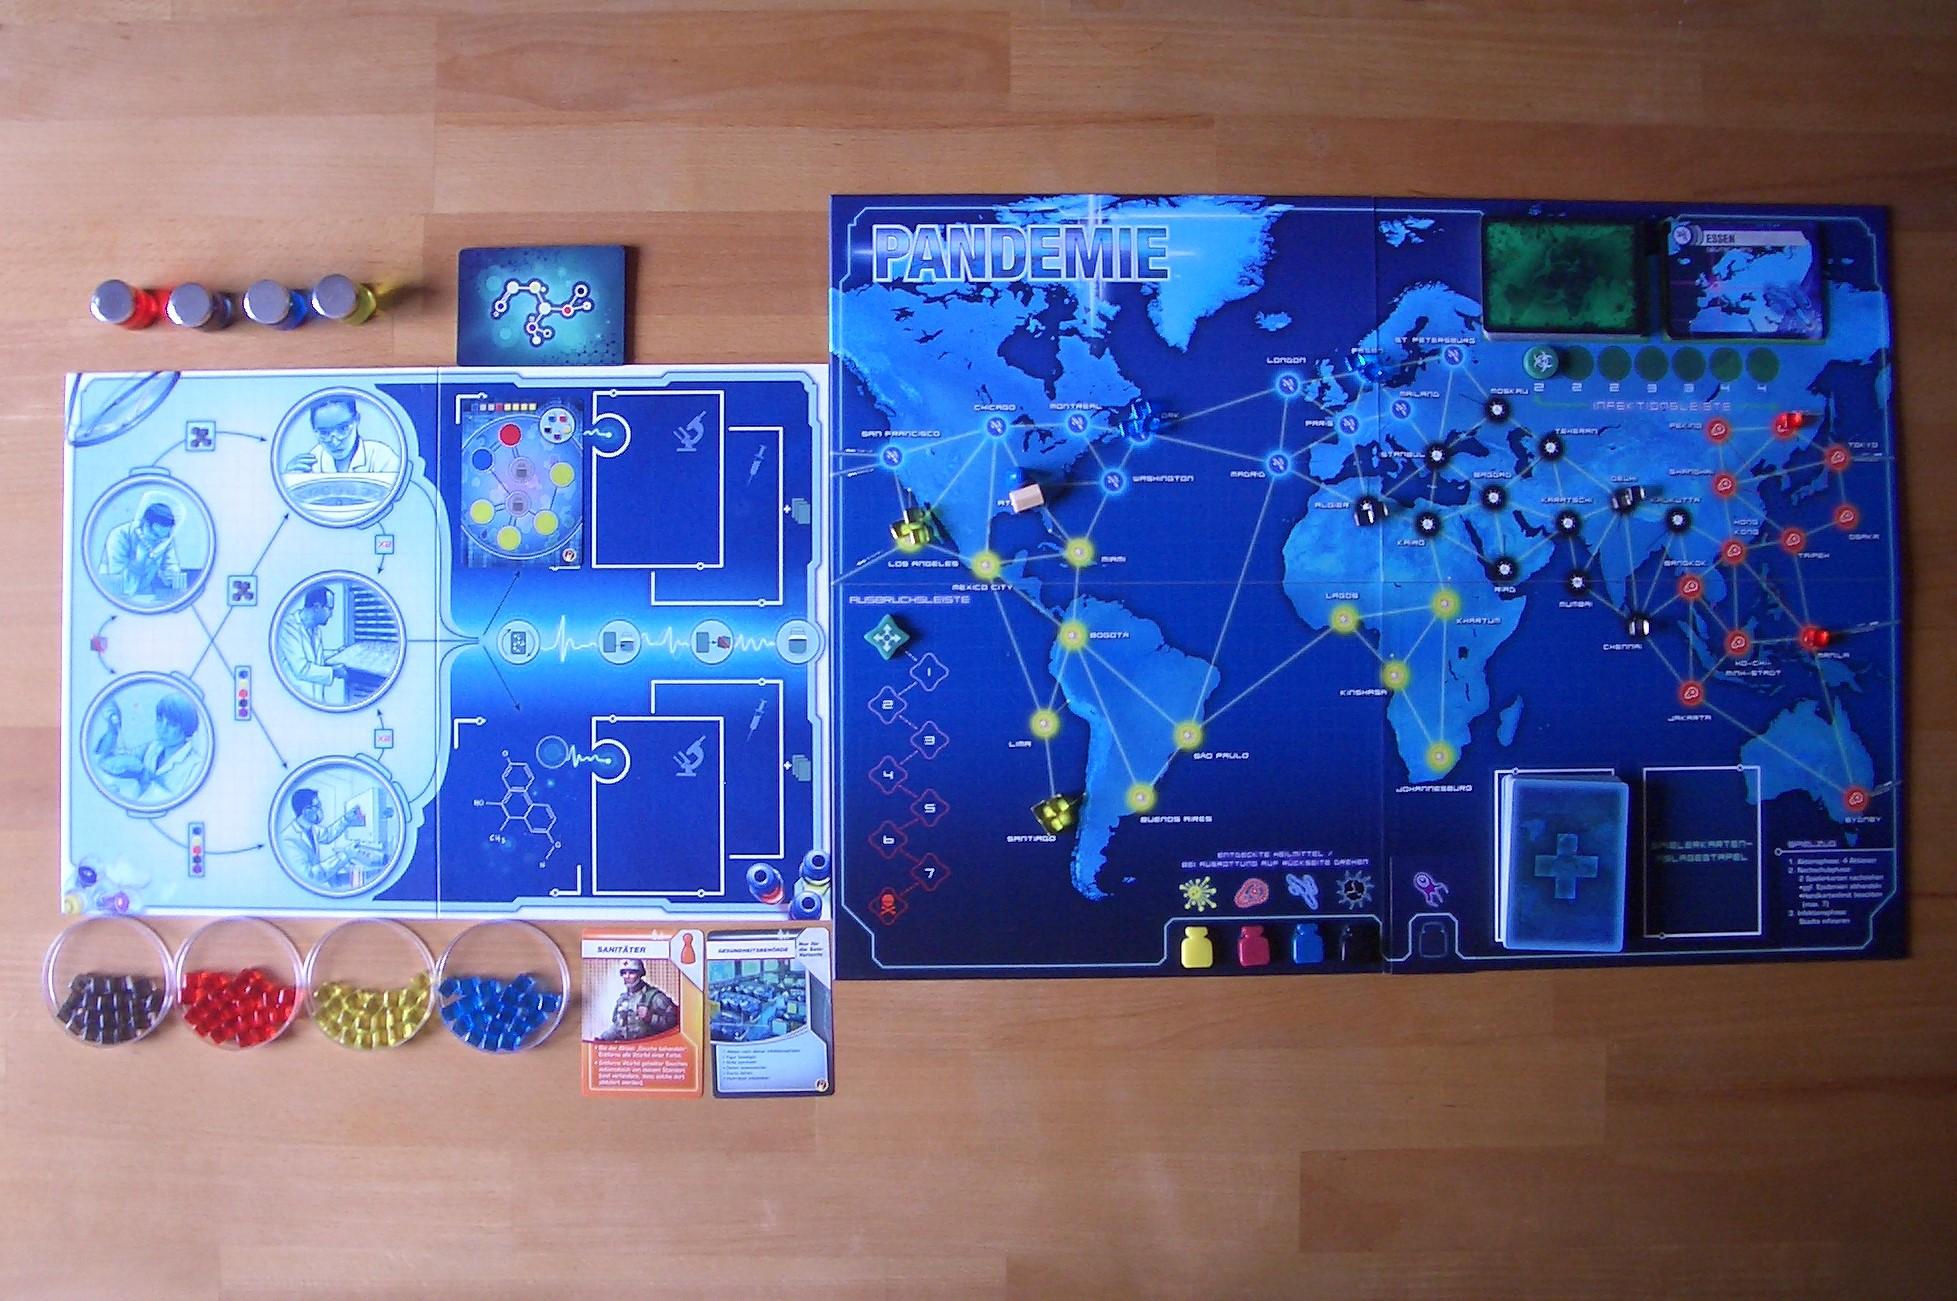 Pandemie Spielauslage